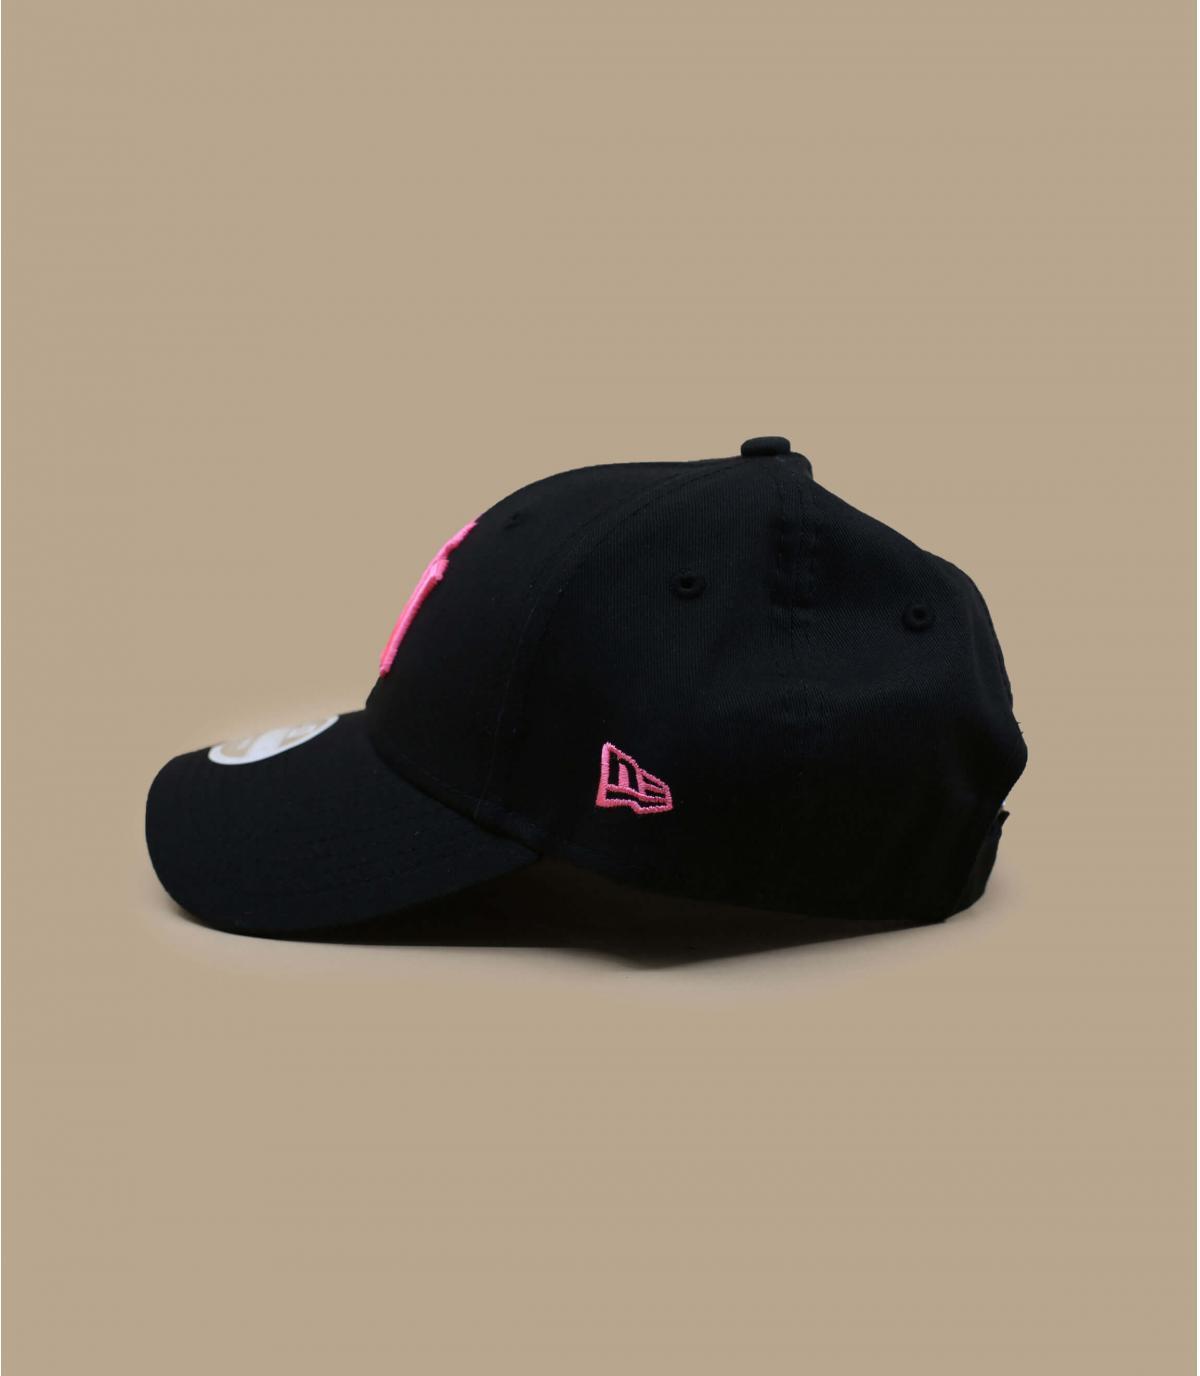 Détails Casquette Wmn League Ess NY 940 black pink - image 3